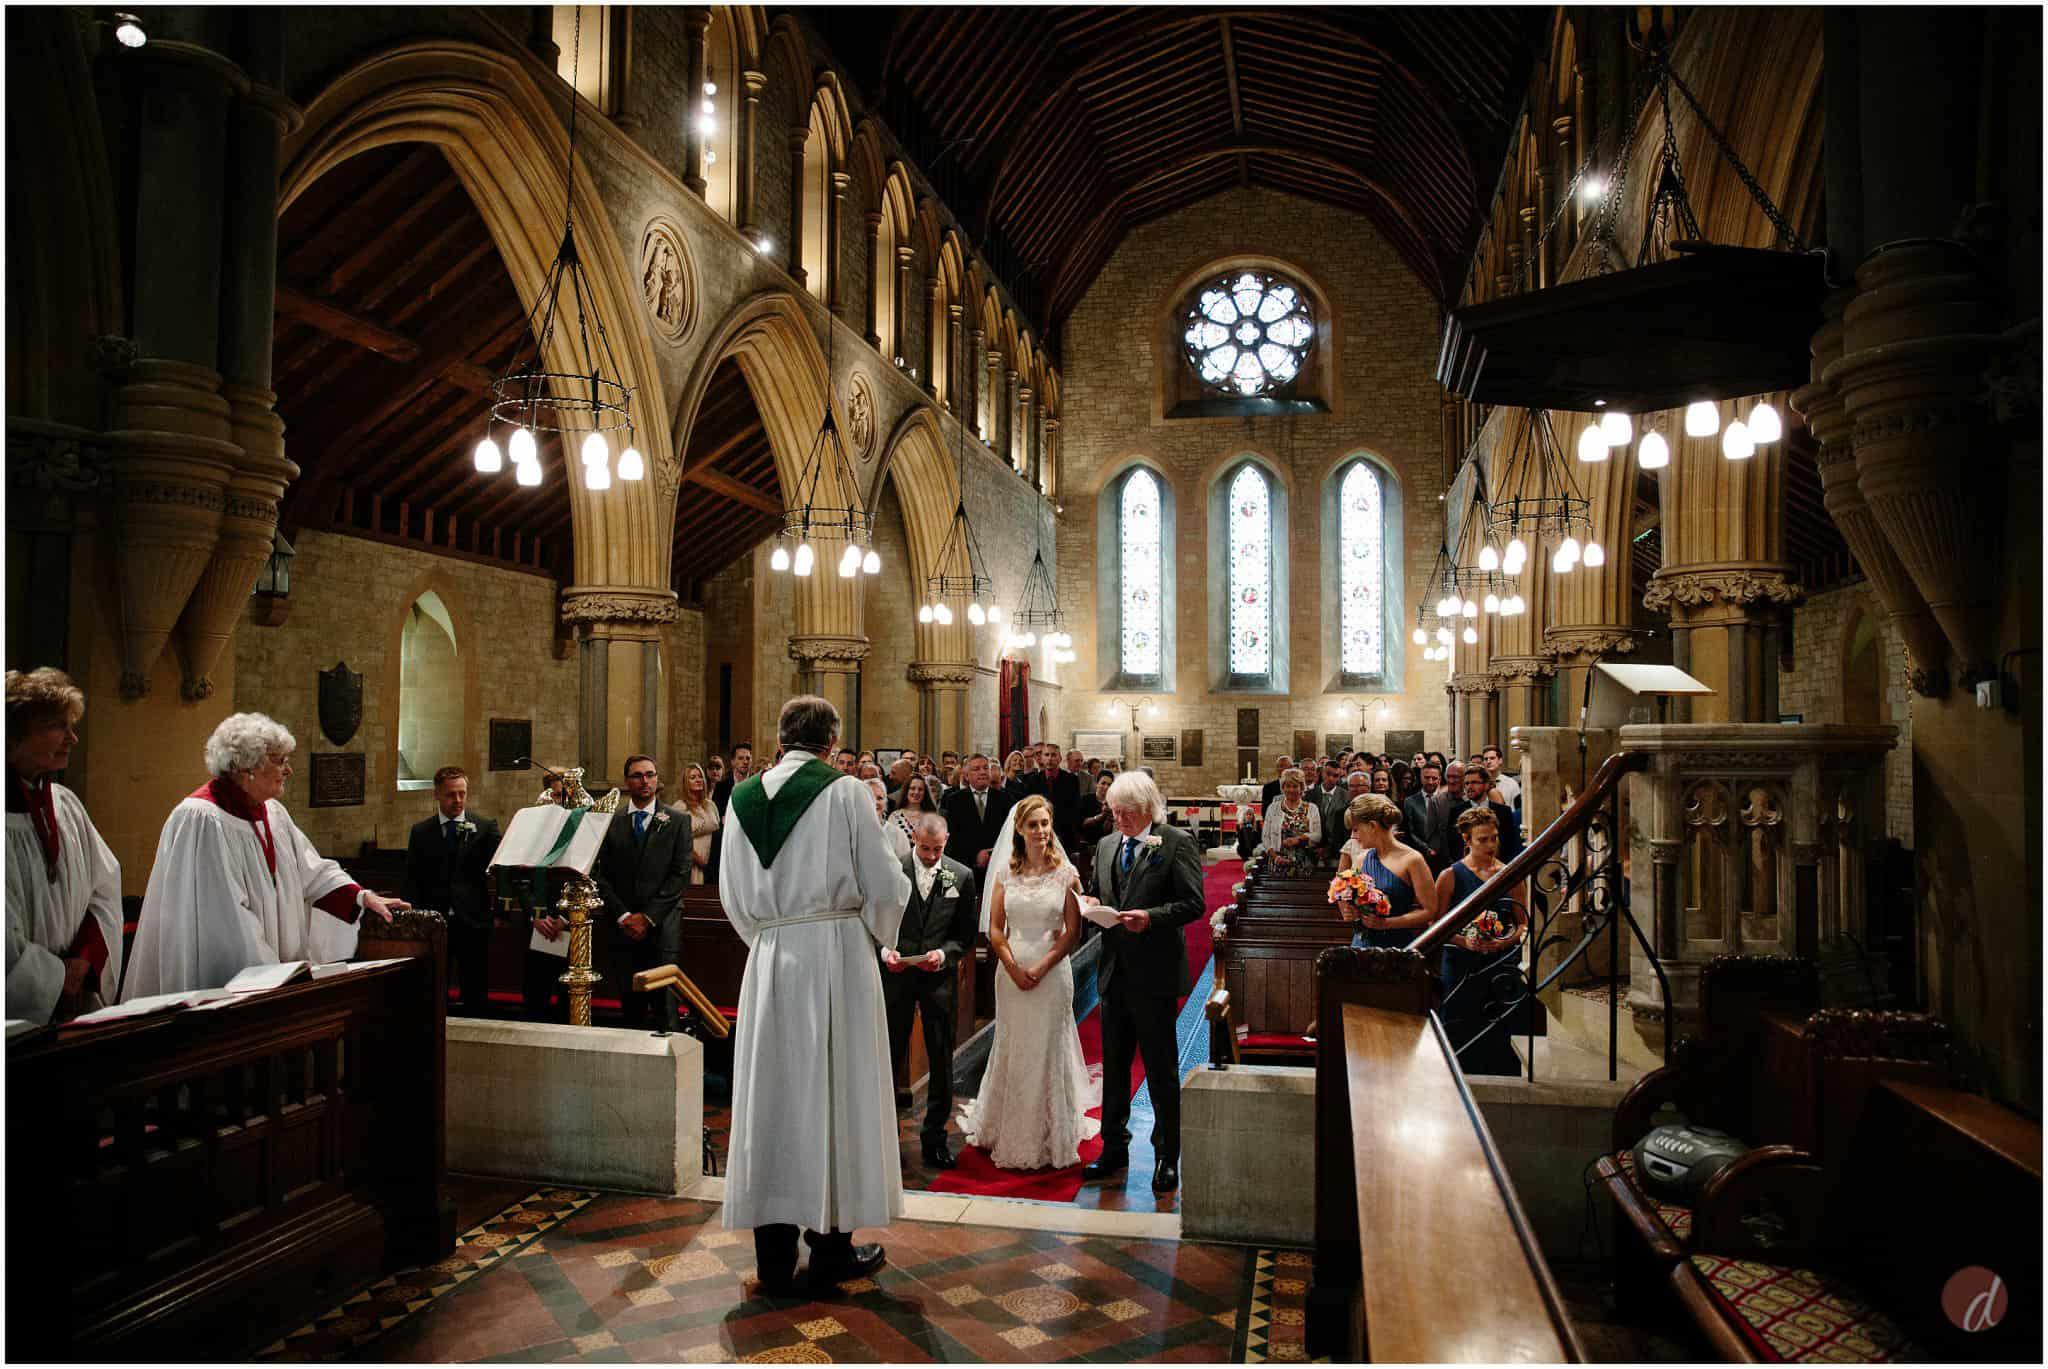 st mary kippington wedding photos